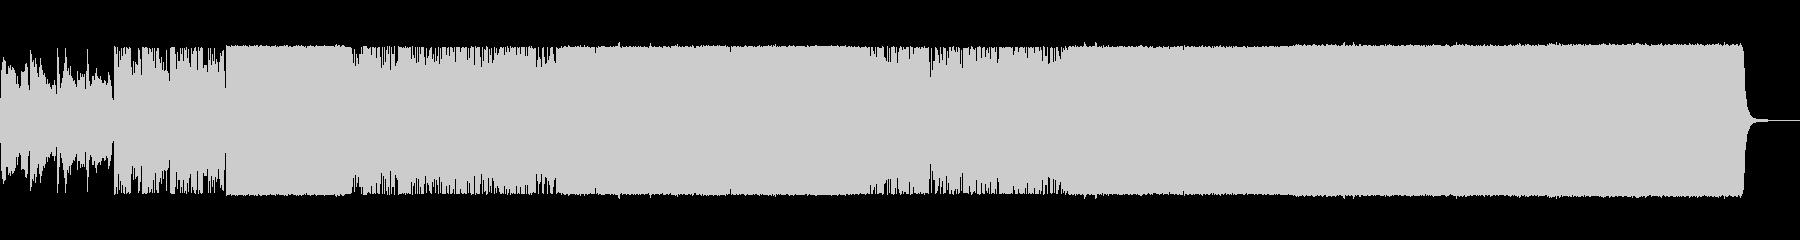 最後に盛り上がりのあるポストロックの未再生の波形